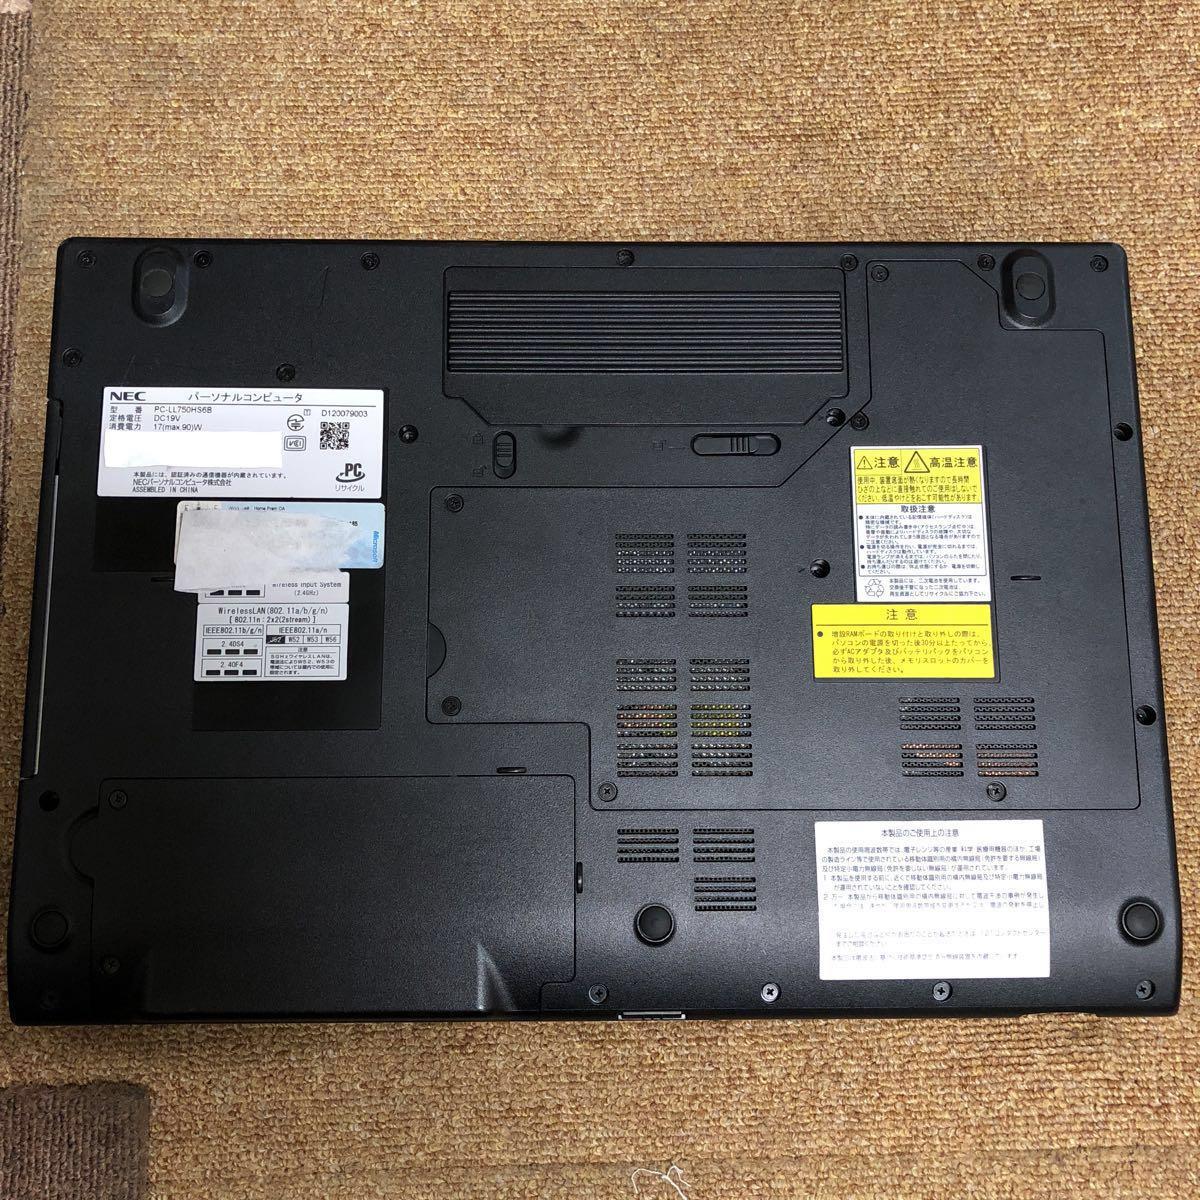 NEC LaVie LL750/H 中古美品 win7 corei7-3610QM 1TB メモリ8GB Blu-rayモデル リカバリ済み_画像4